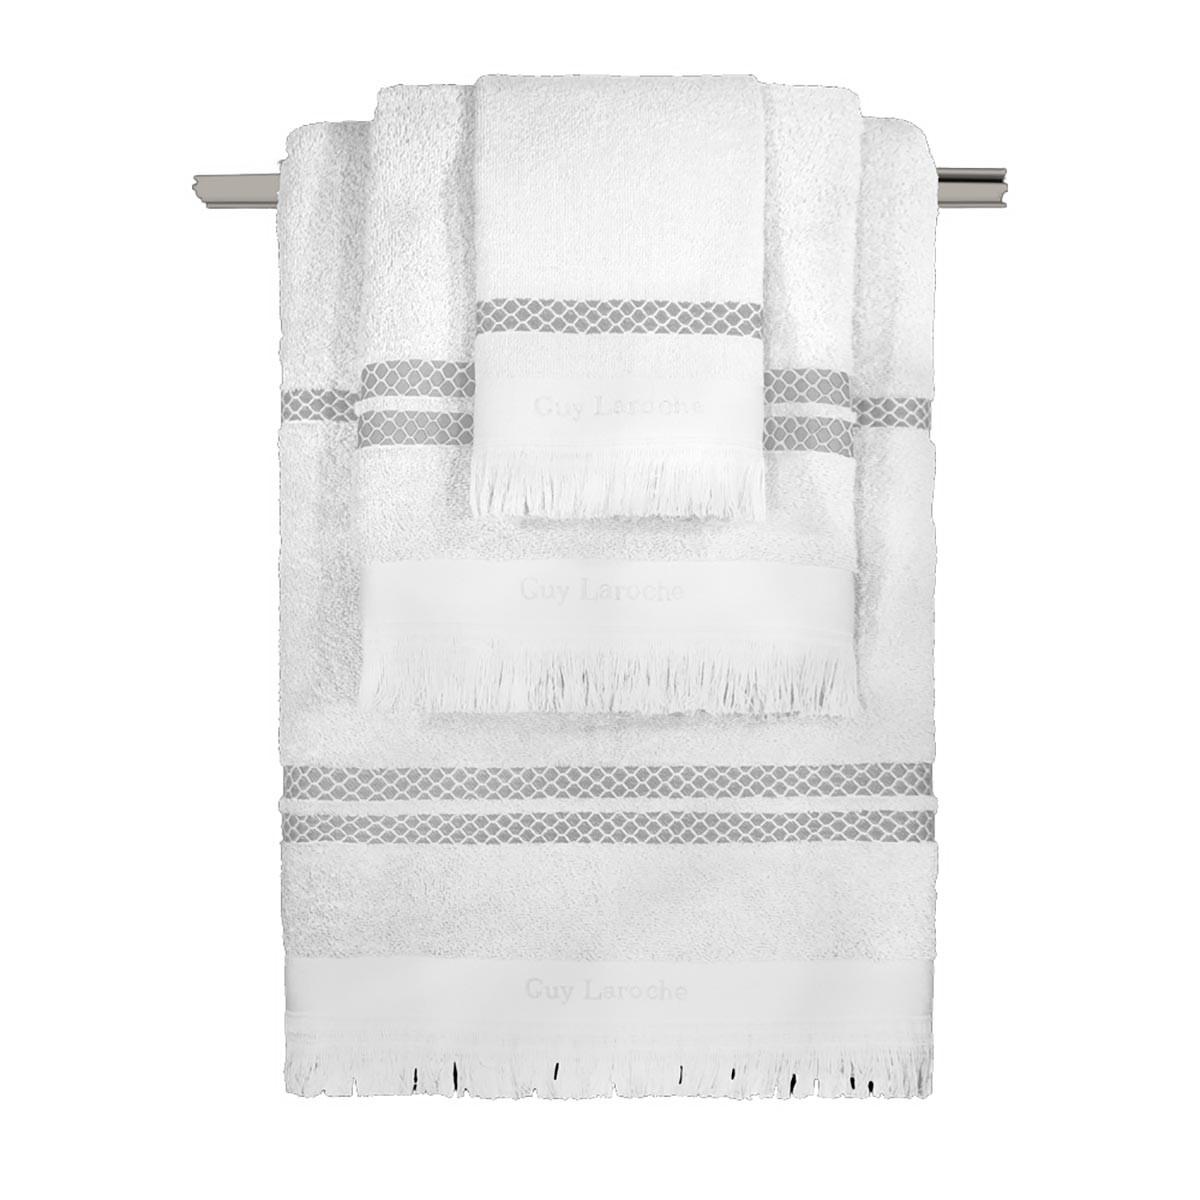 Πετσέτες Μπάνιου (Σετ 3τμχ) Guy Laroche Parma White